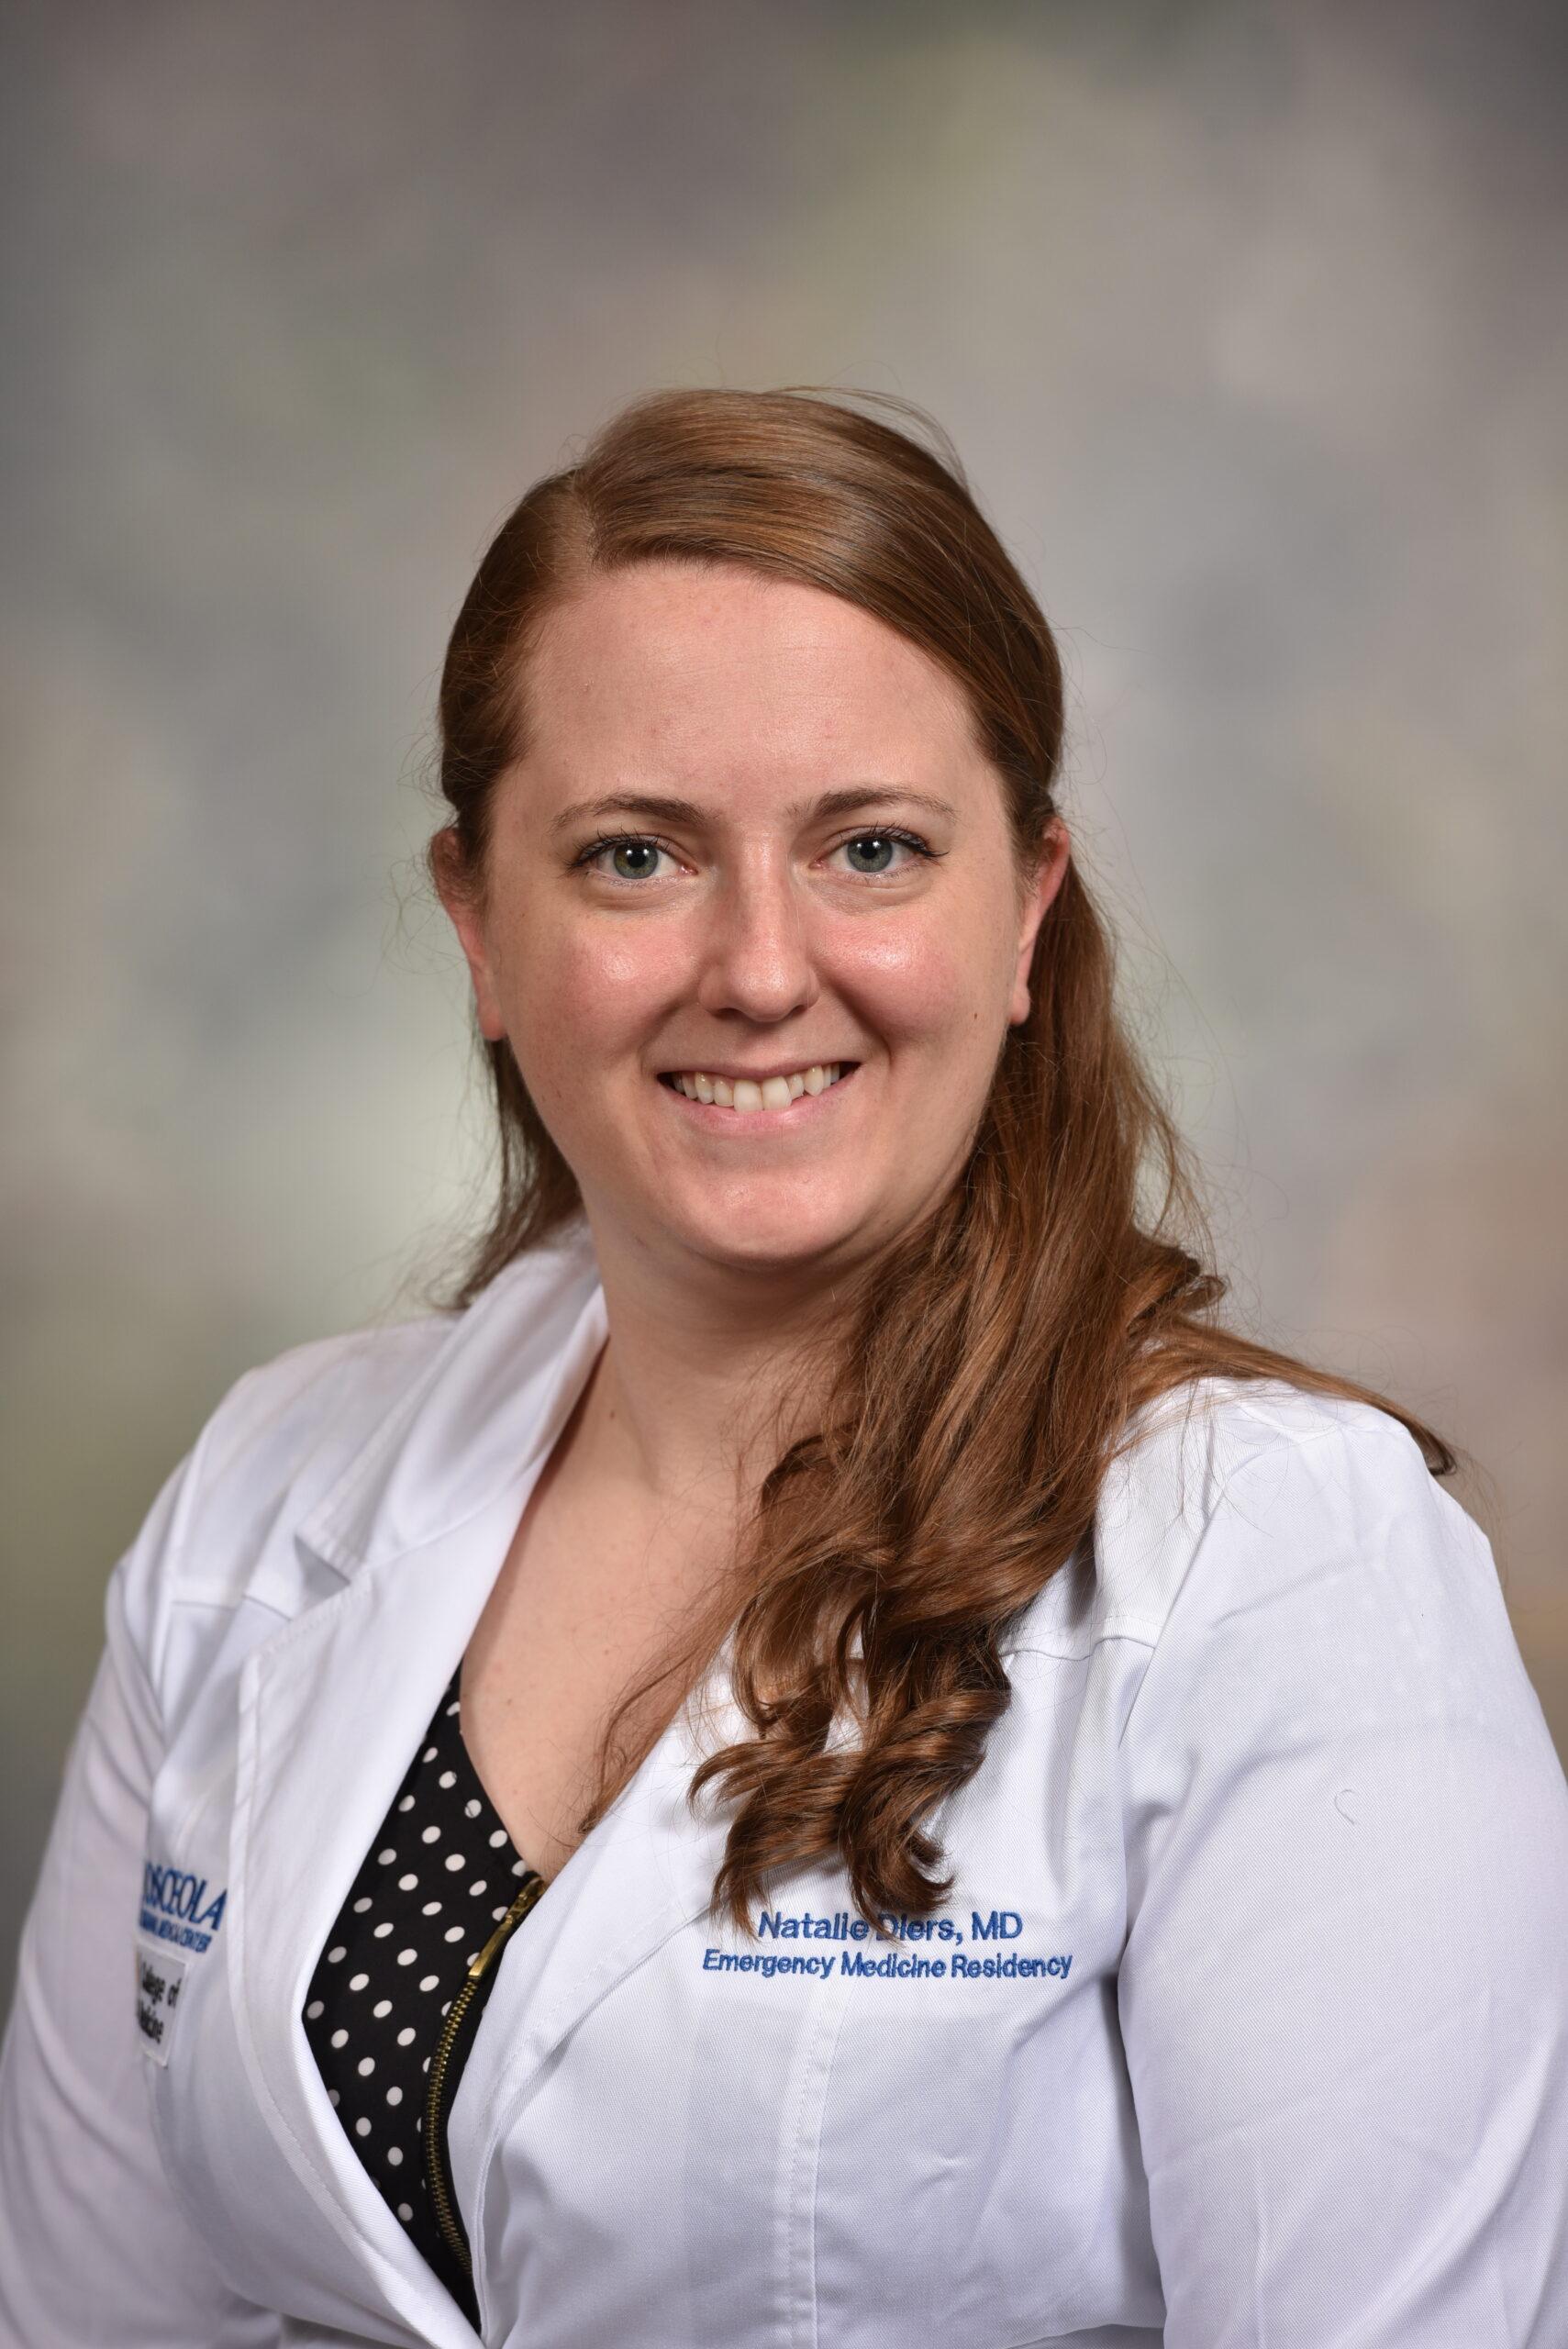 Natalie Diers, MD